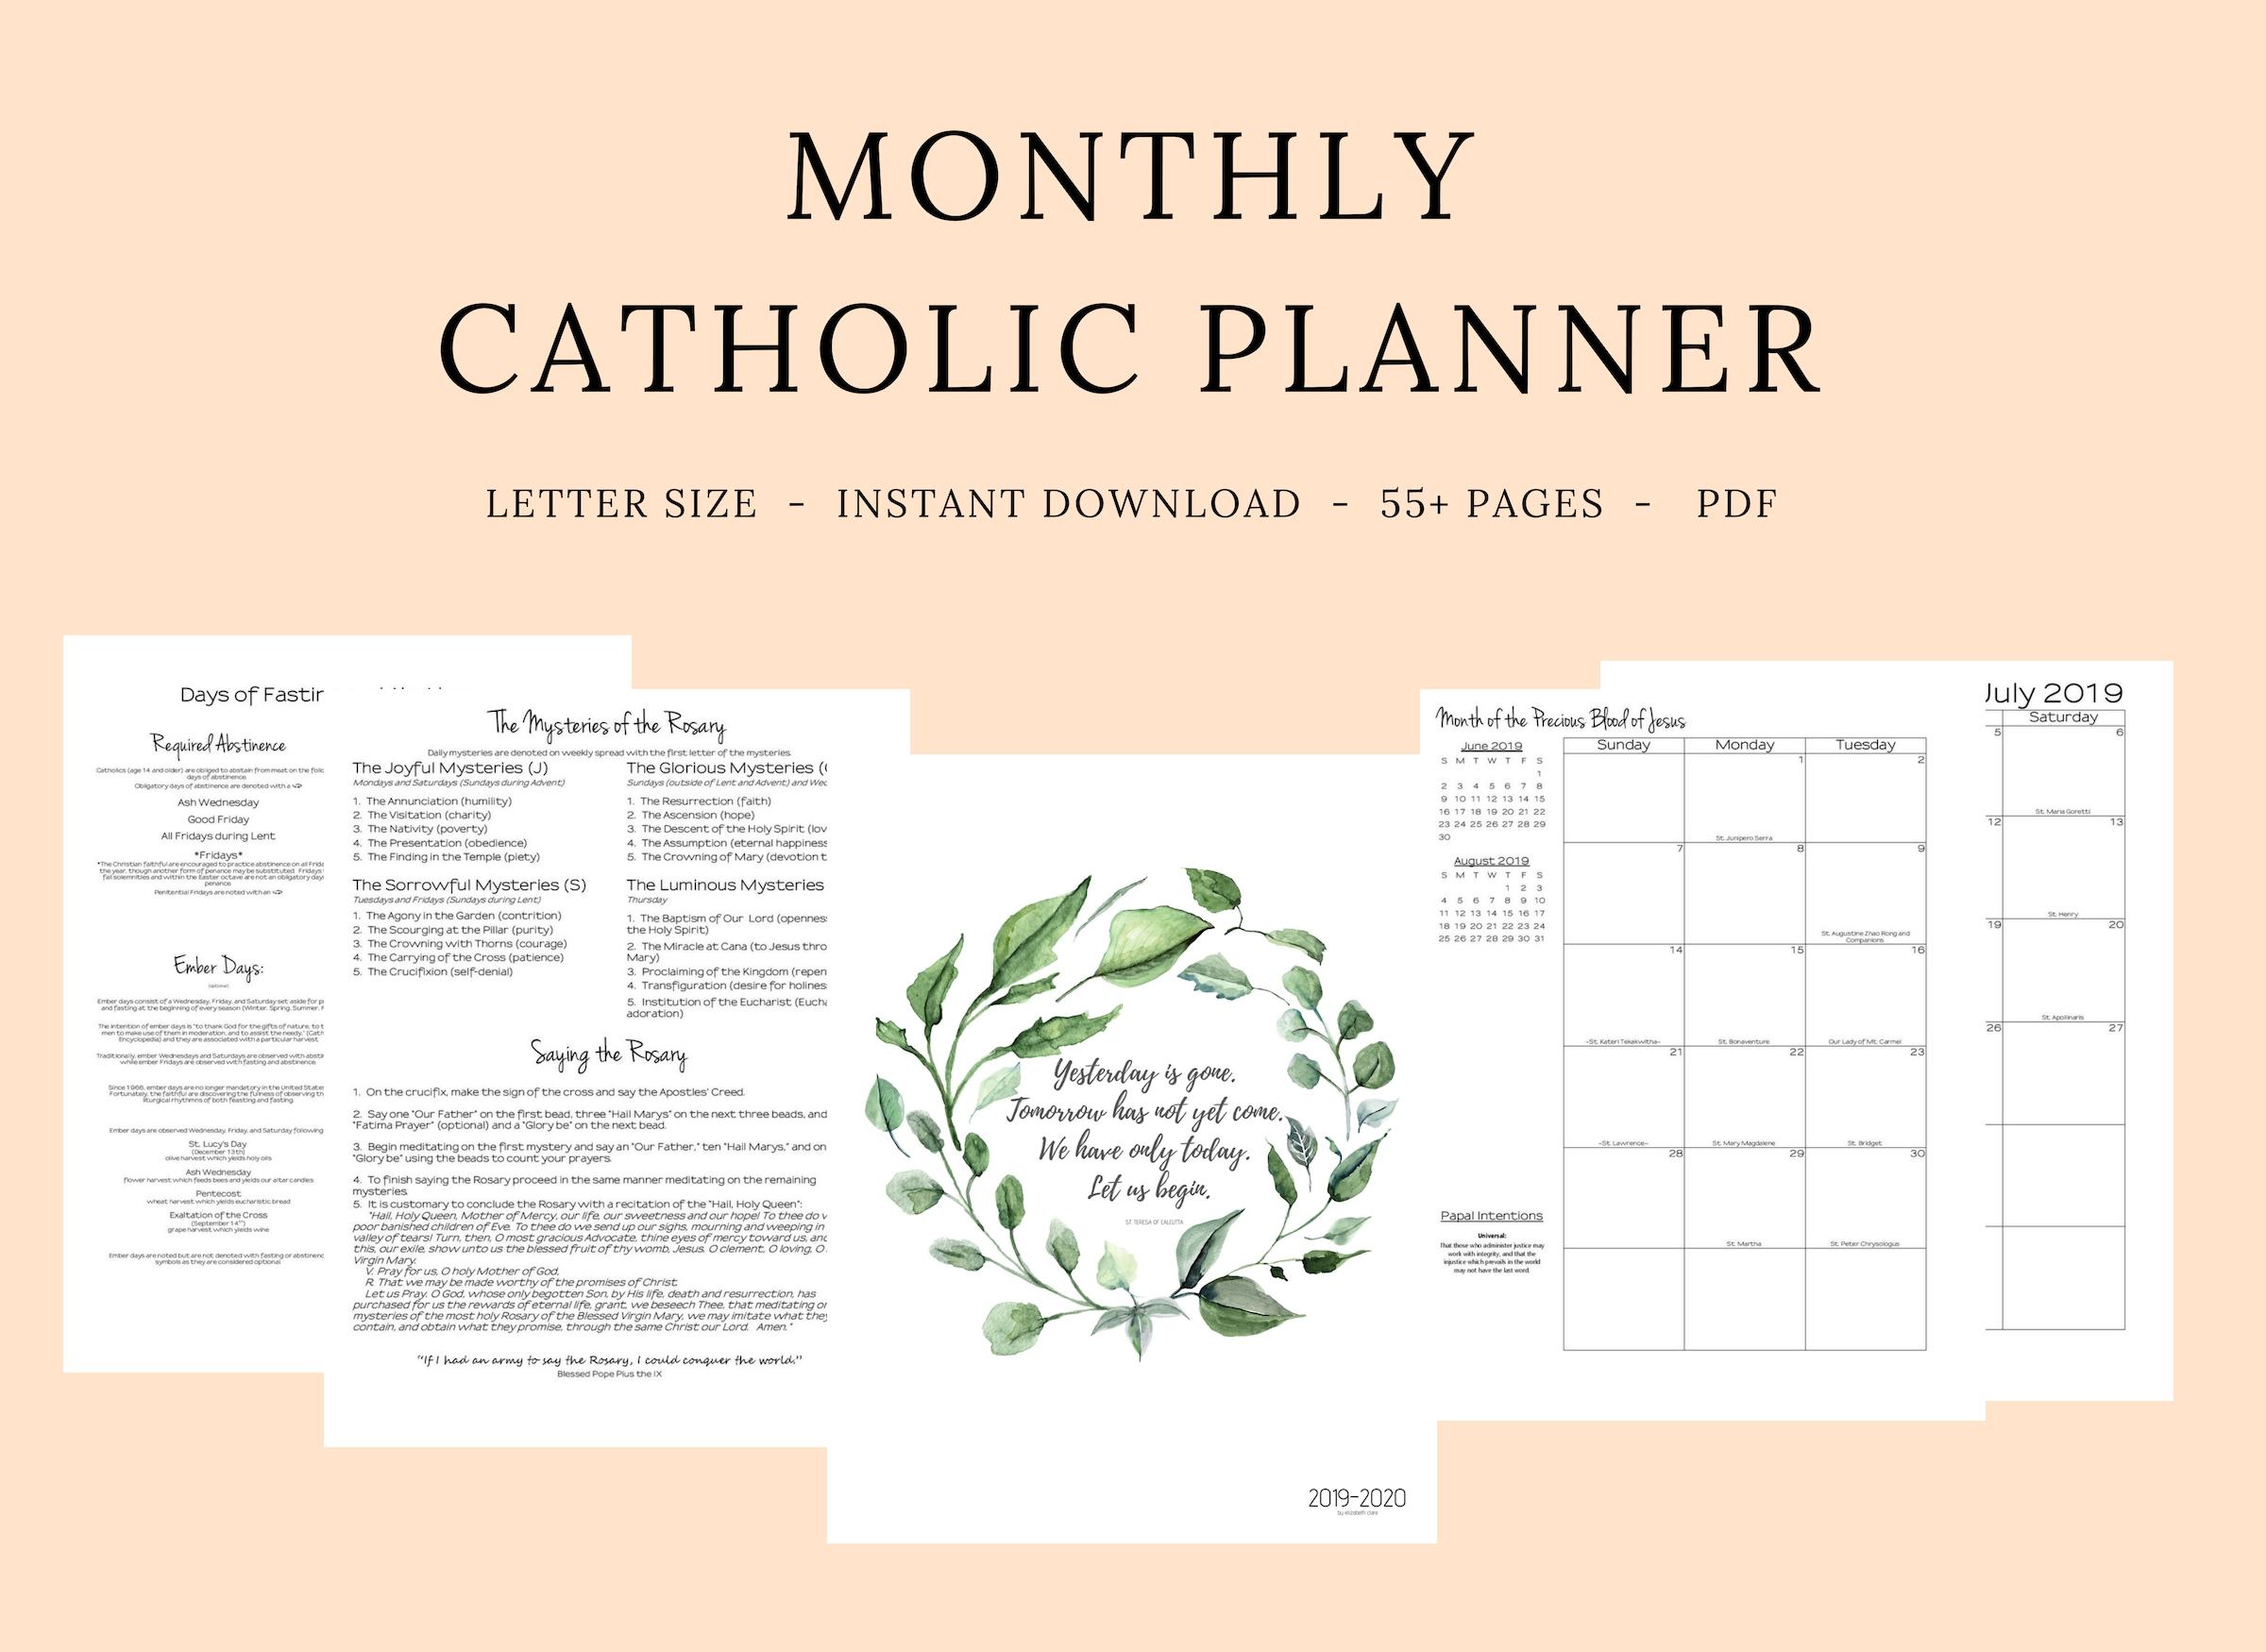 Catholic Liturgical Calendar 2020 Pdf - Calendar Inspiration intended for 2020 Catholic Liturgical Calendar Pdf